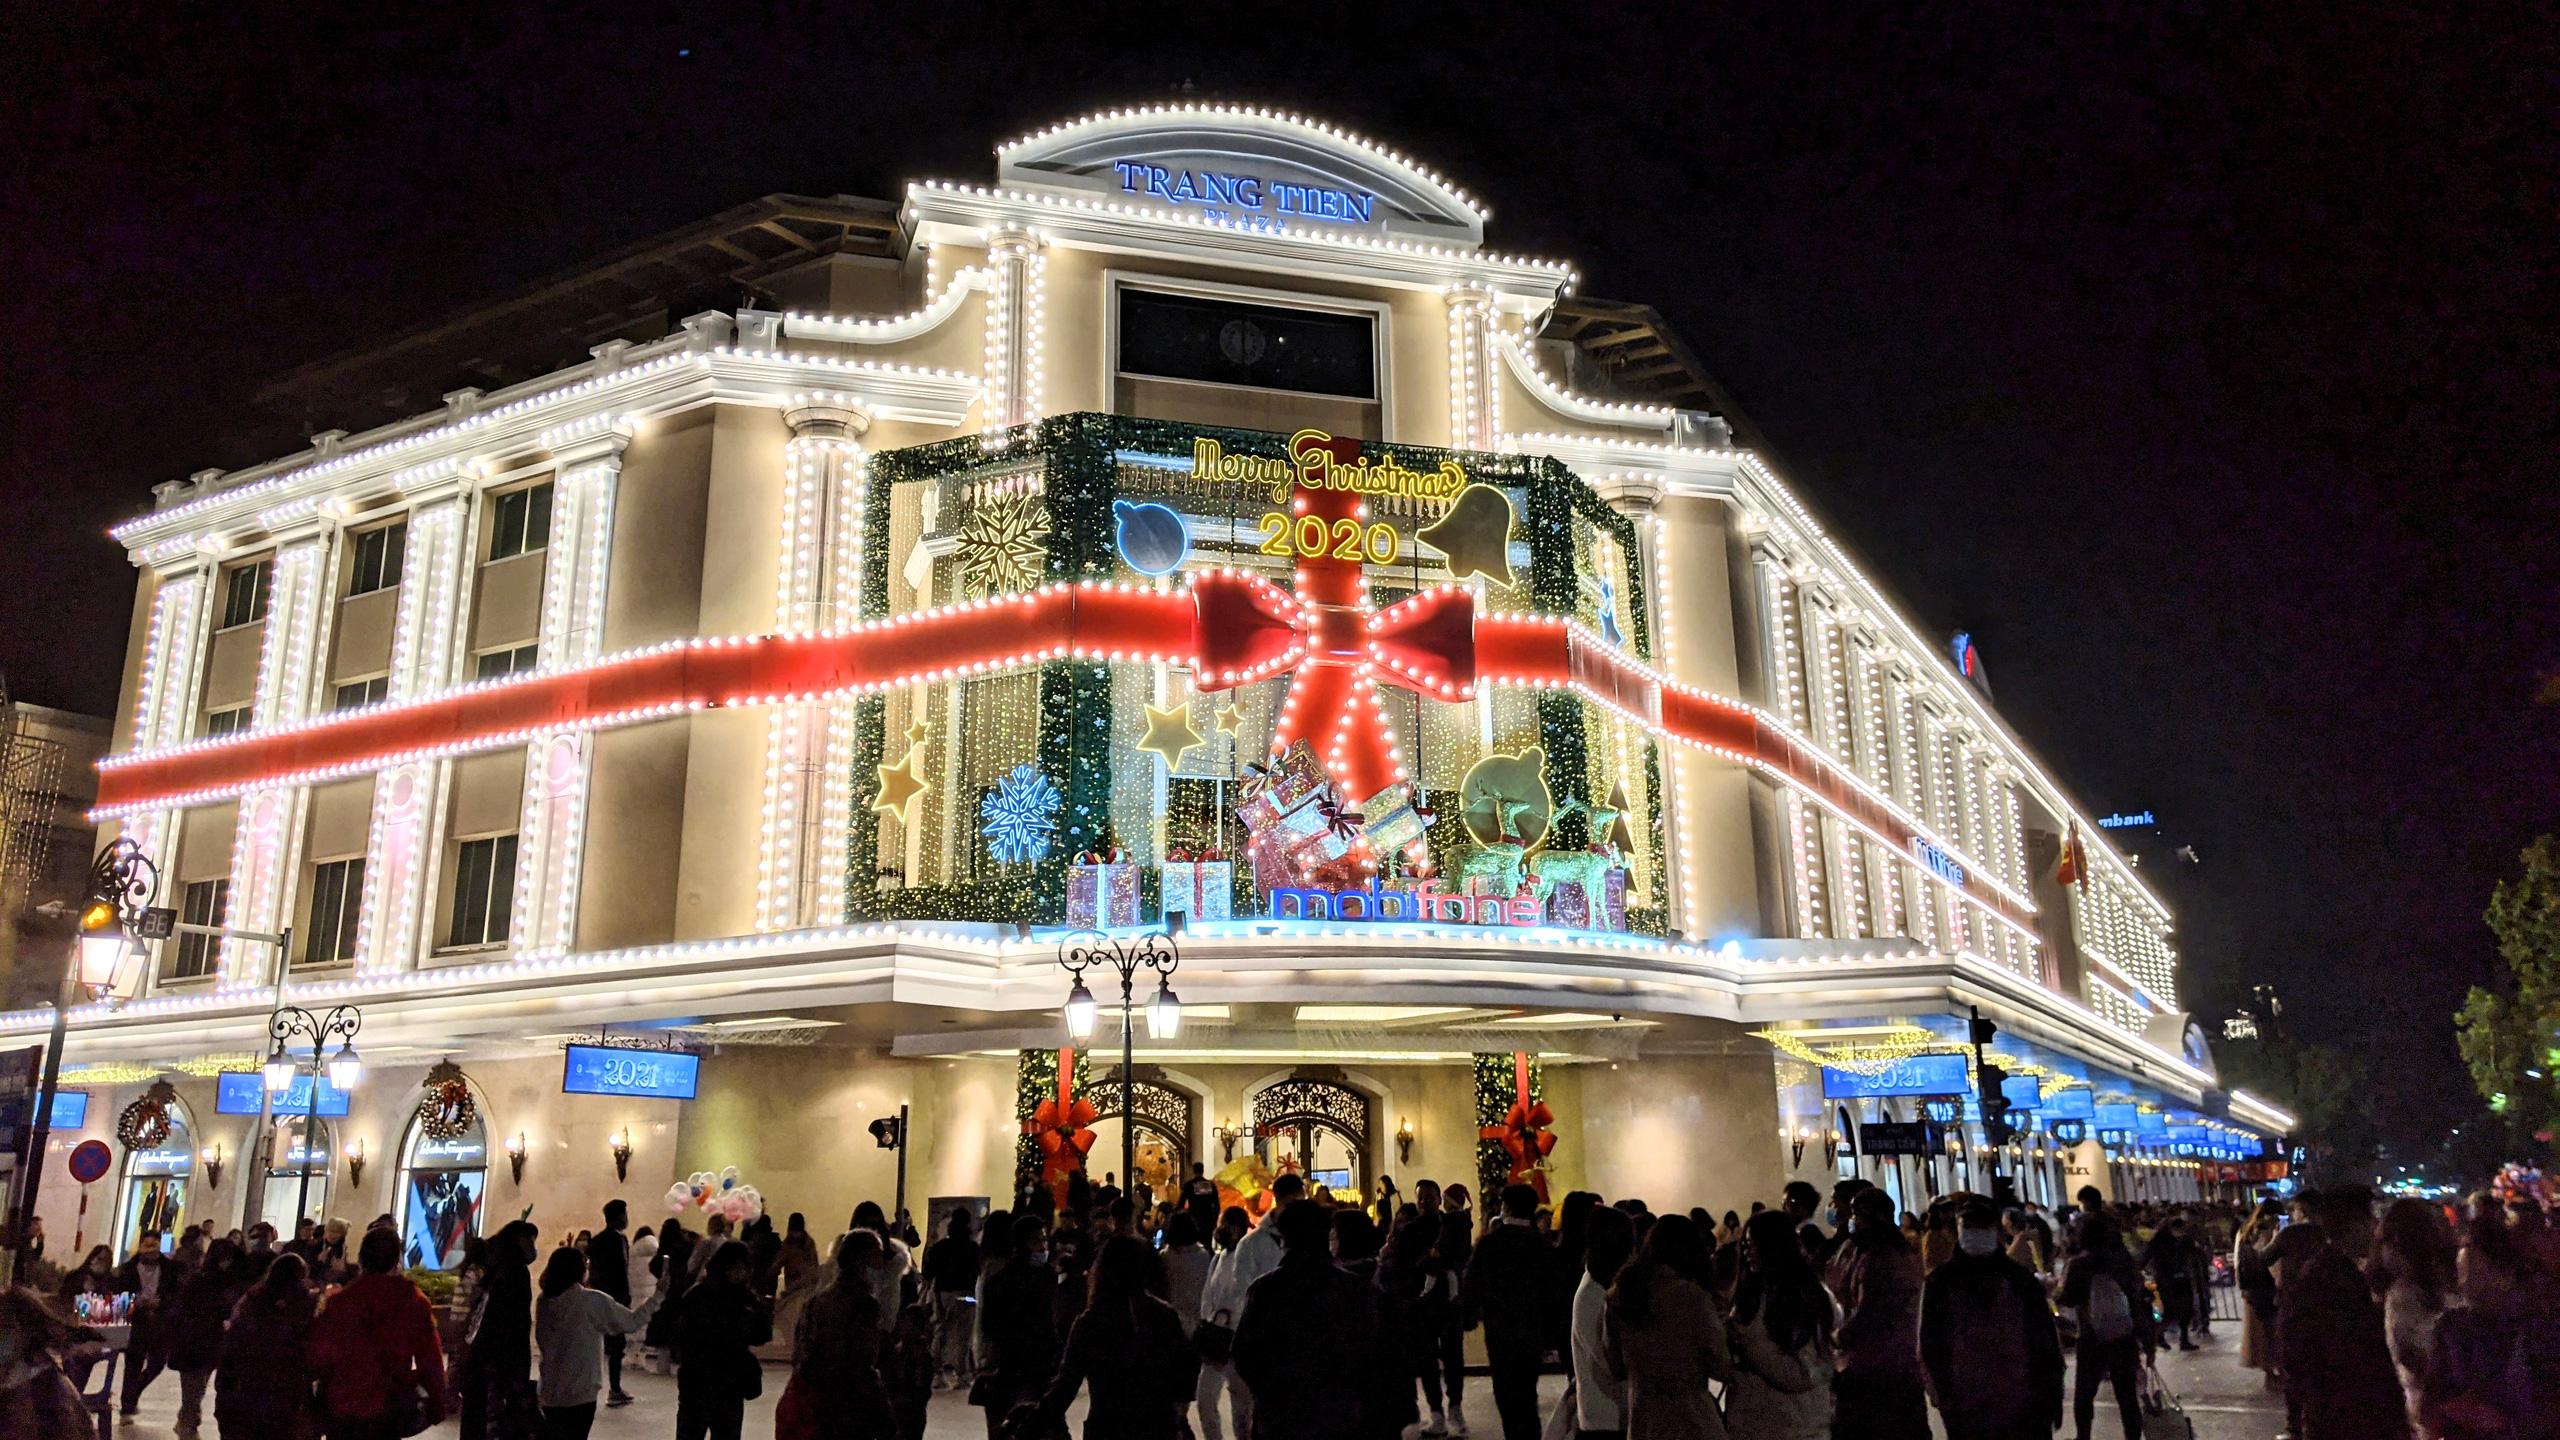 Khách sạn, trung tâm thương mại đồng loạt 'thay áo' mùa Giáng sinh 2020 - Ảnh 2.